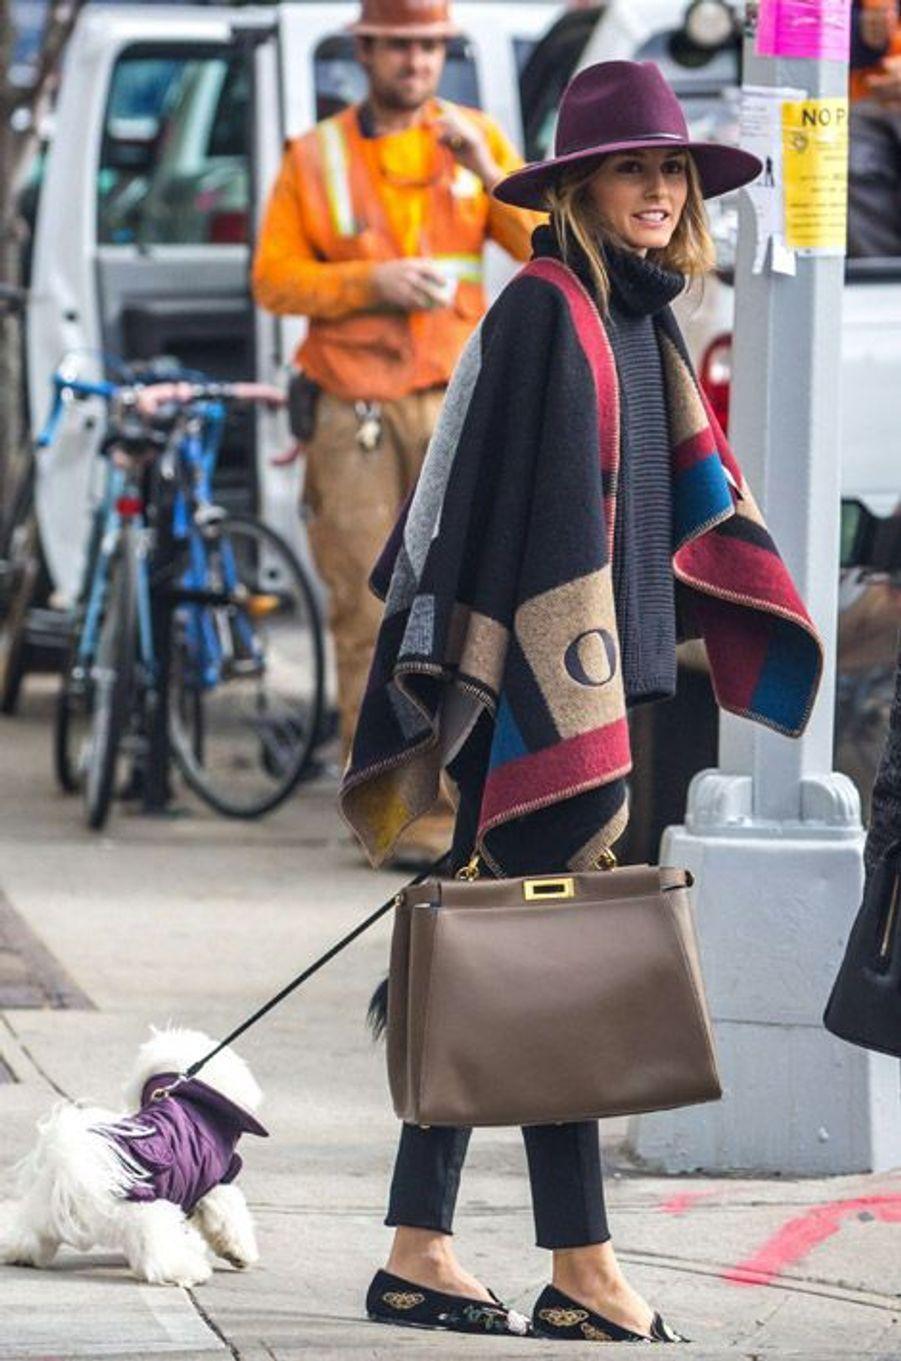 La styliste Olivia Palermo dans son poncho Burberry, le 21 octobre 2014 à New York